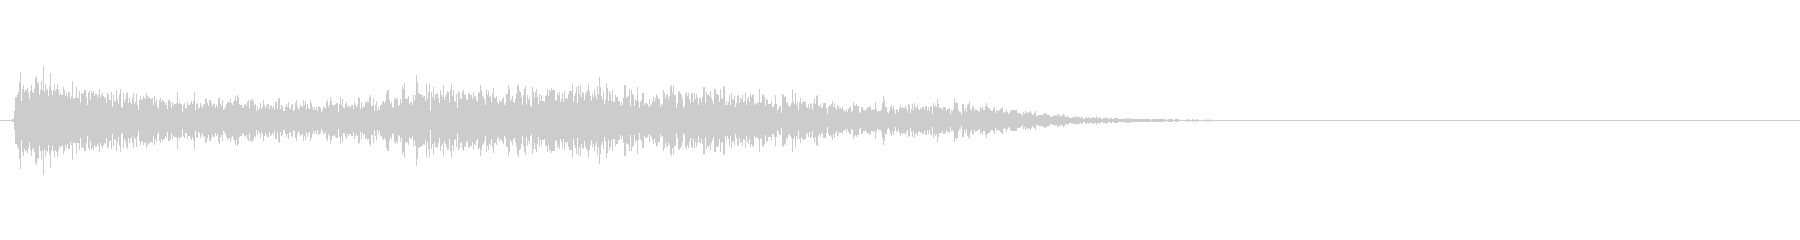 ティンパニ、(マレット)、シンフォ...の未再生の波形